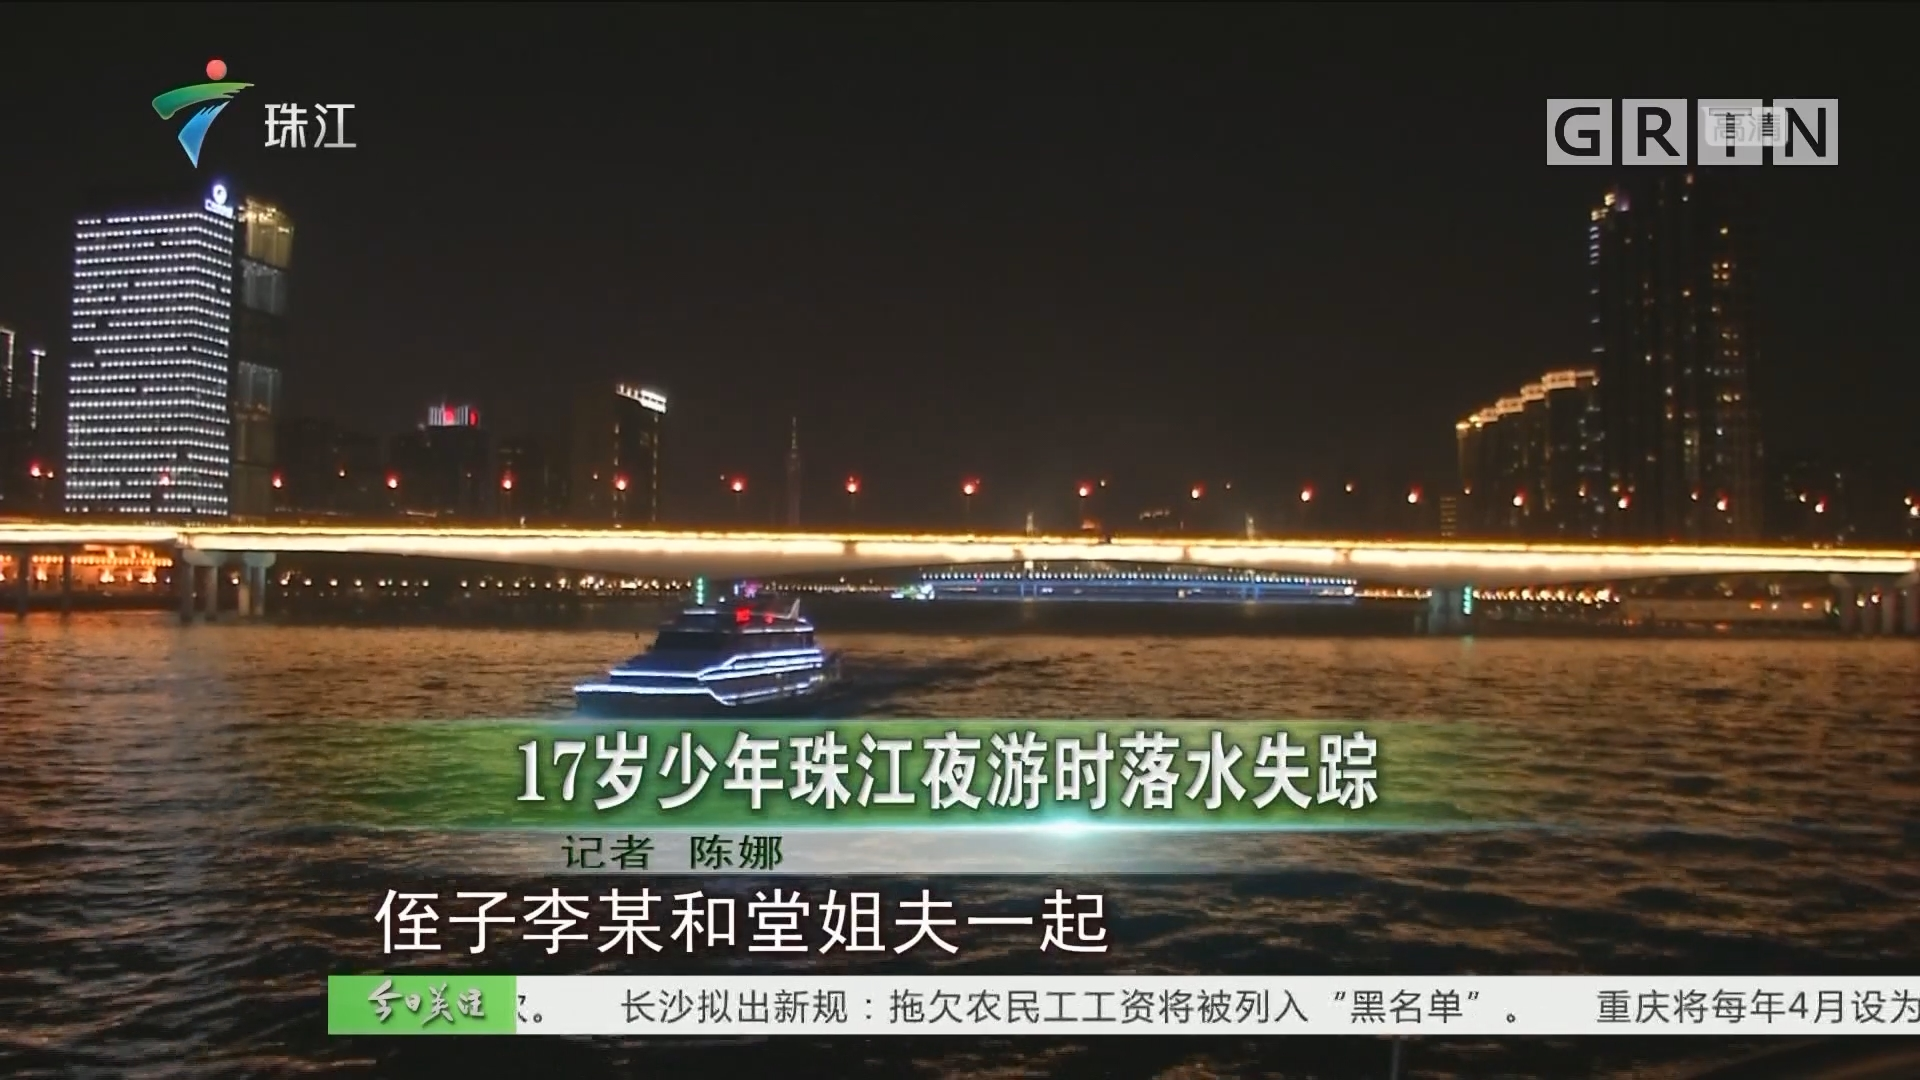 17岁少年珠江夜游时落水失踪